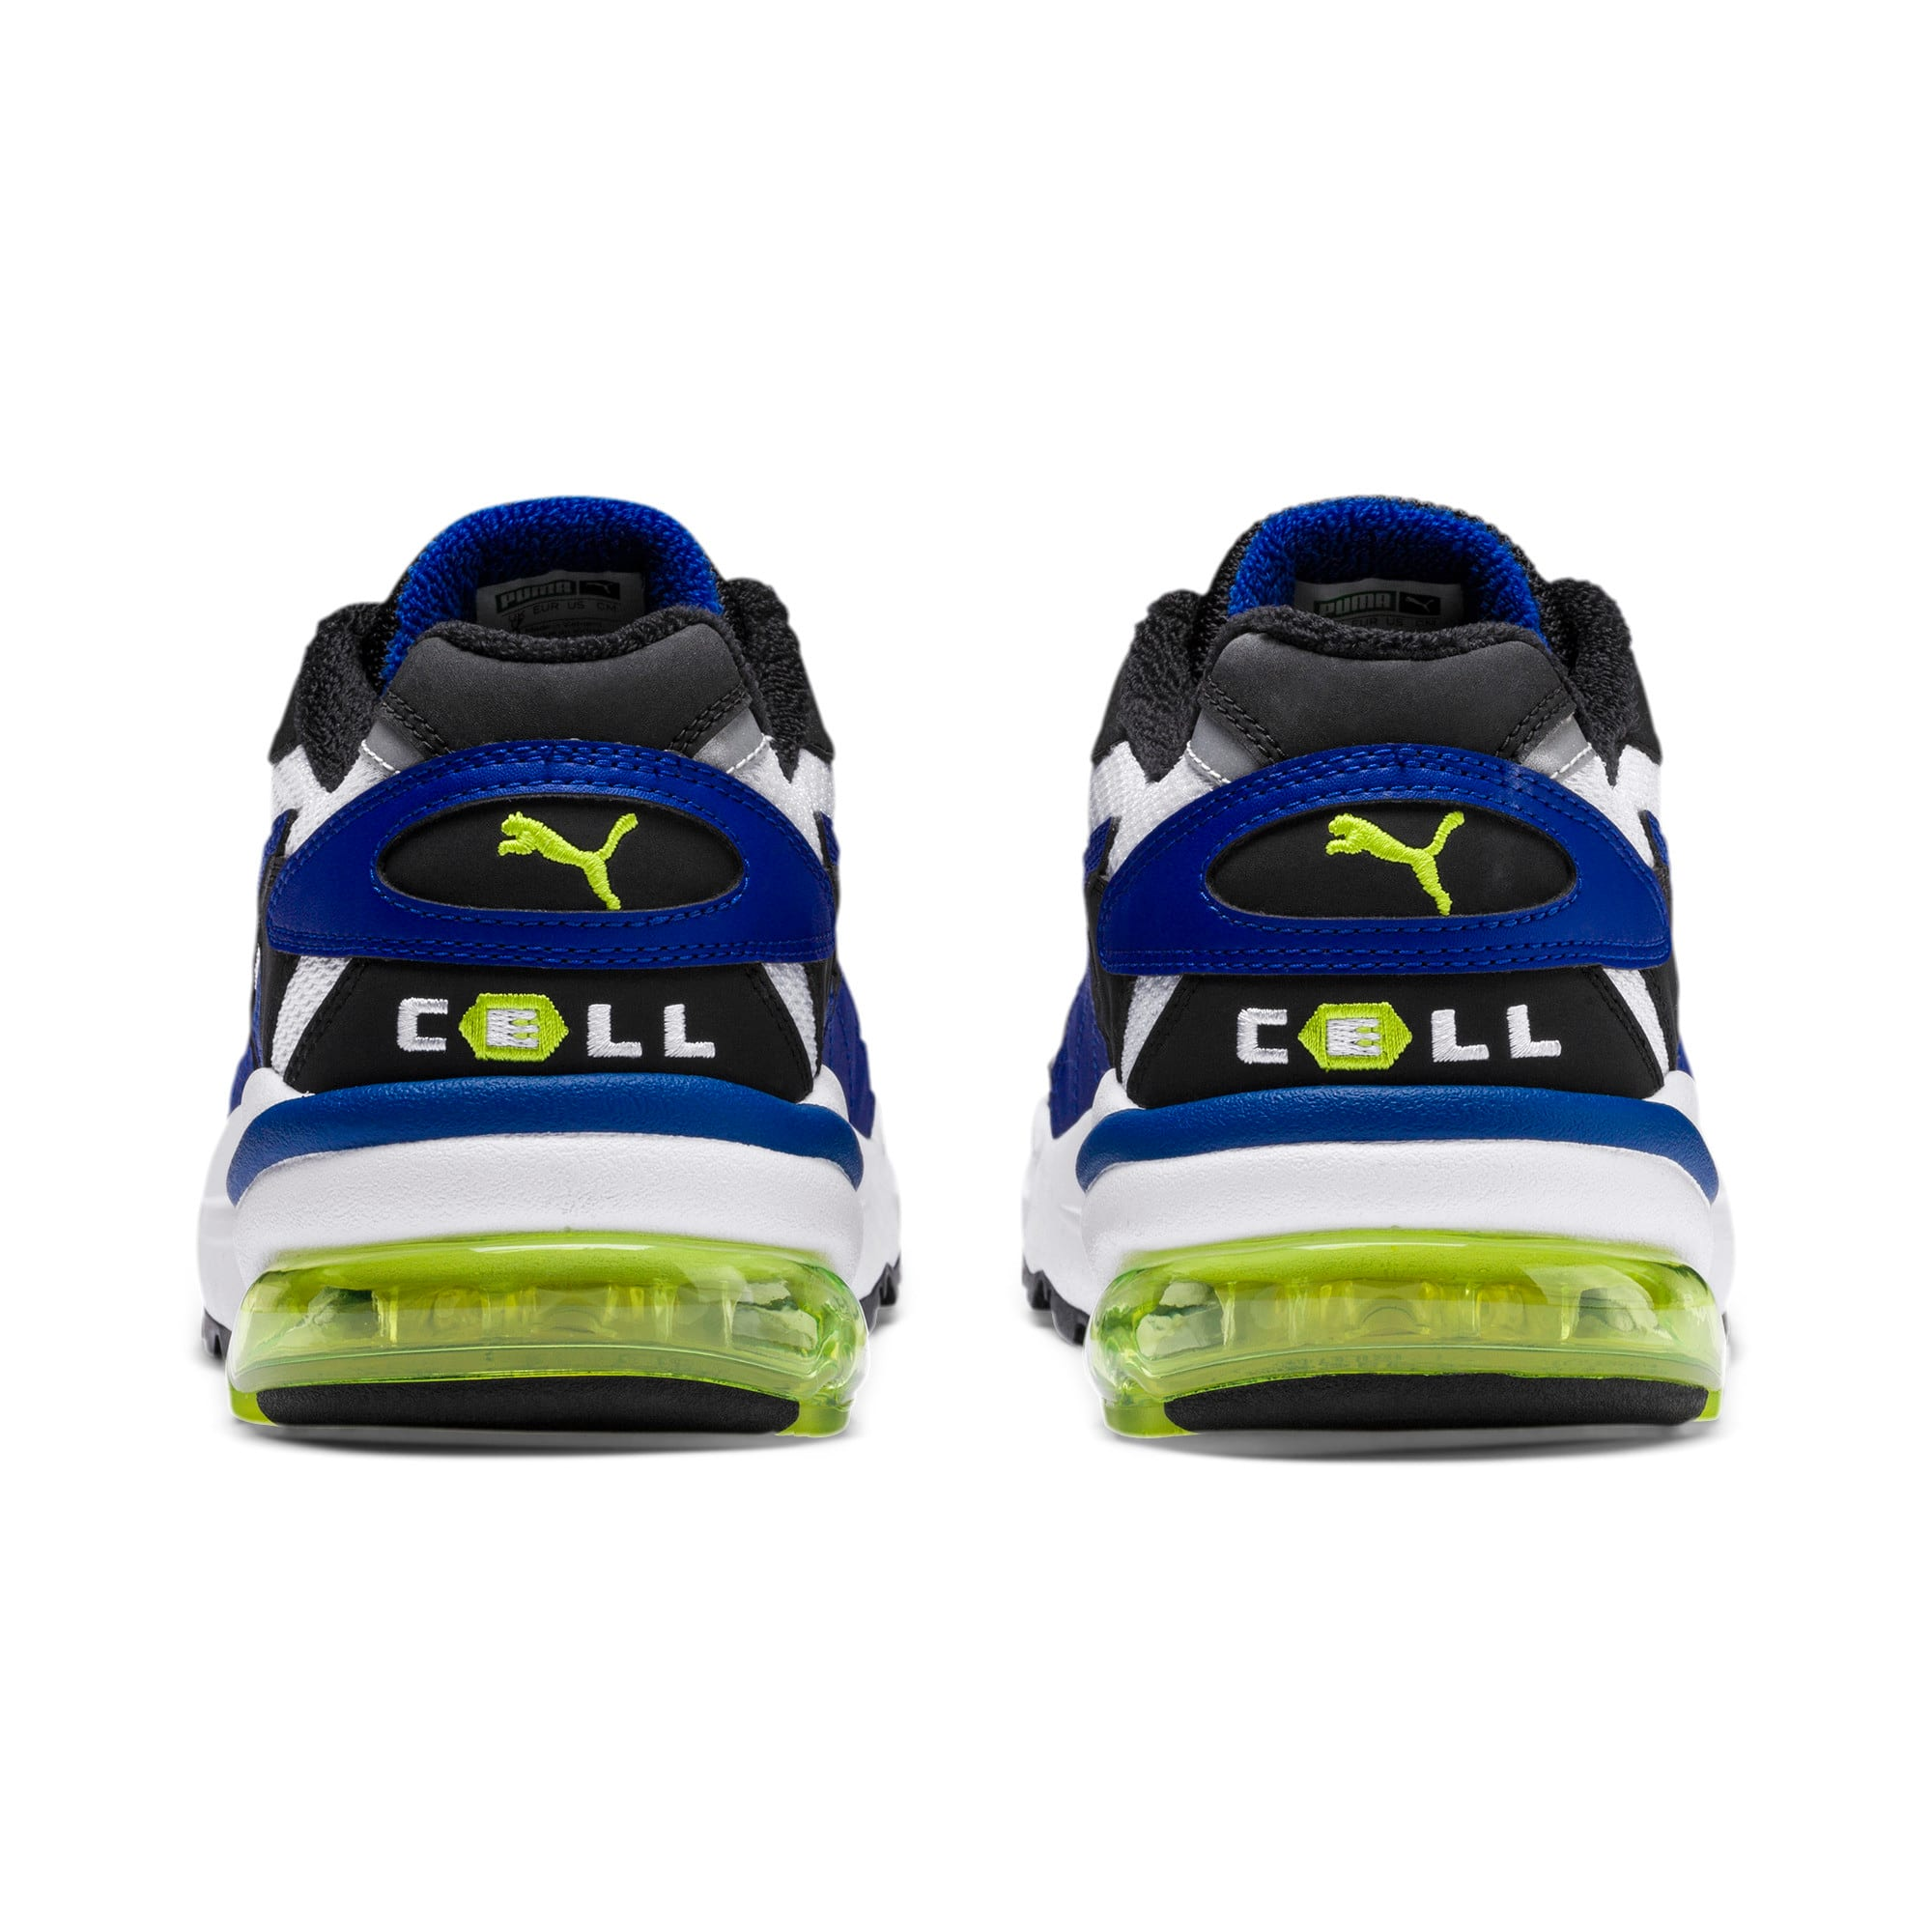 Thumbnail 4 of CELL Alien OG Sneakers, Puma Black-Surf The Web, medium